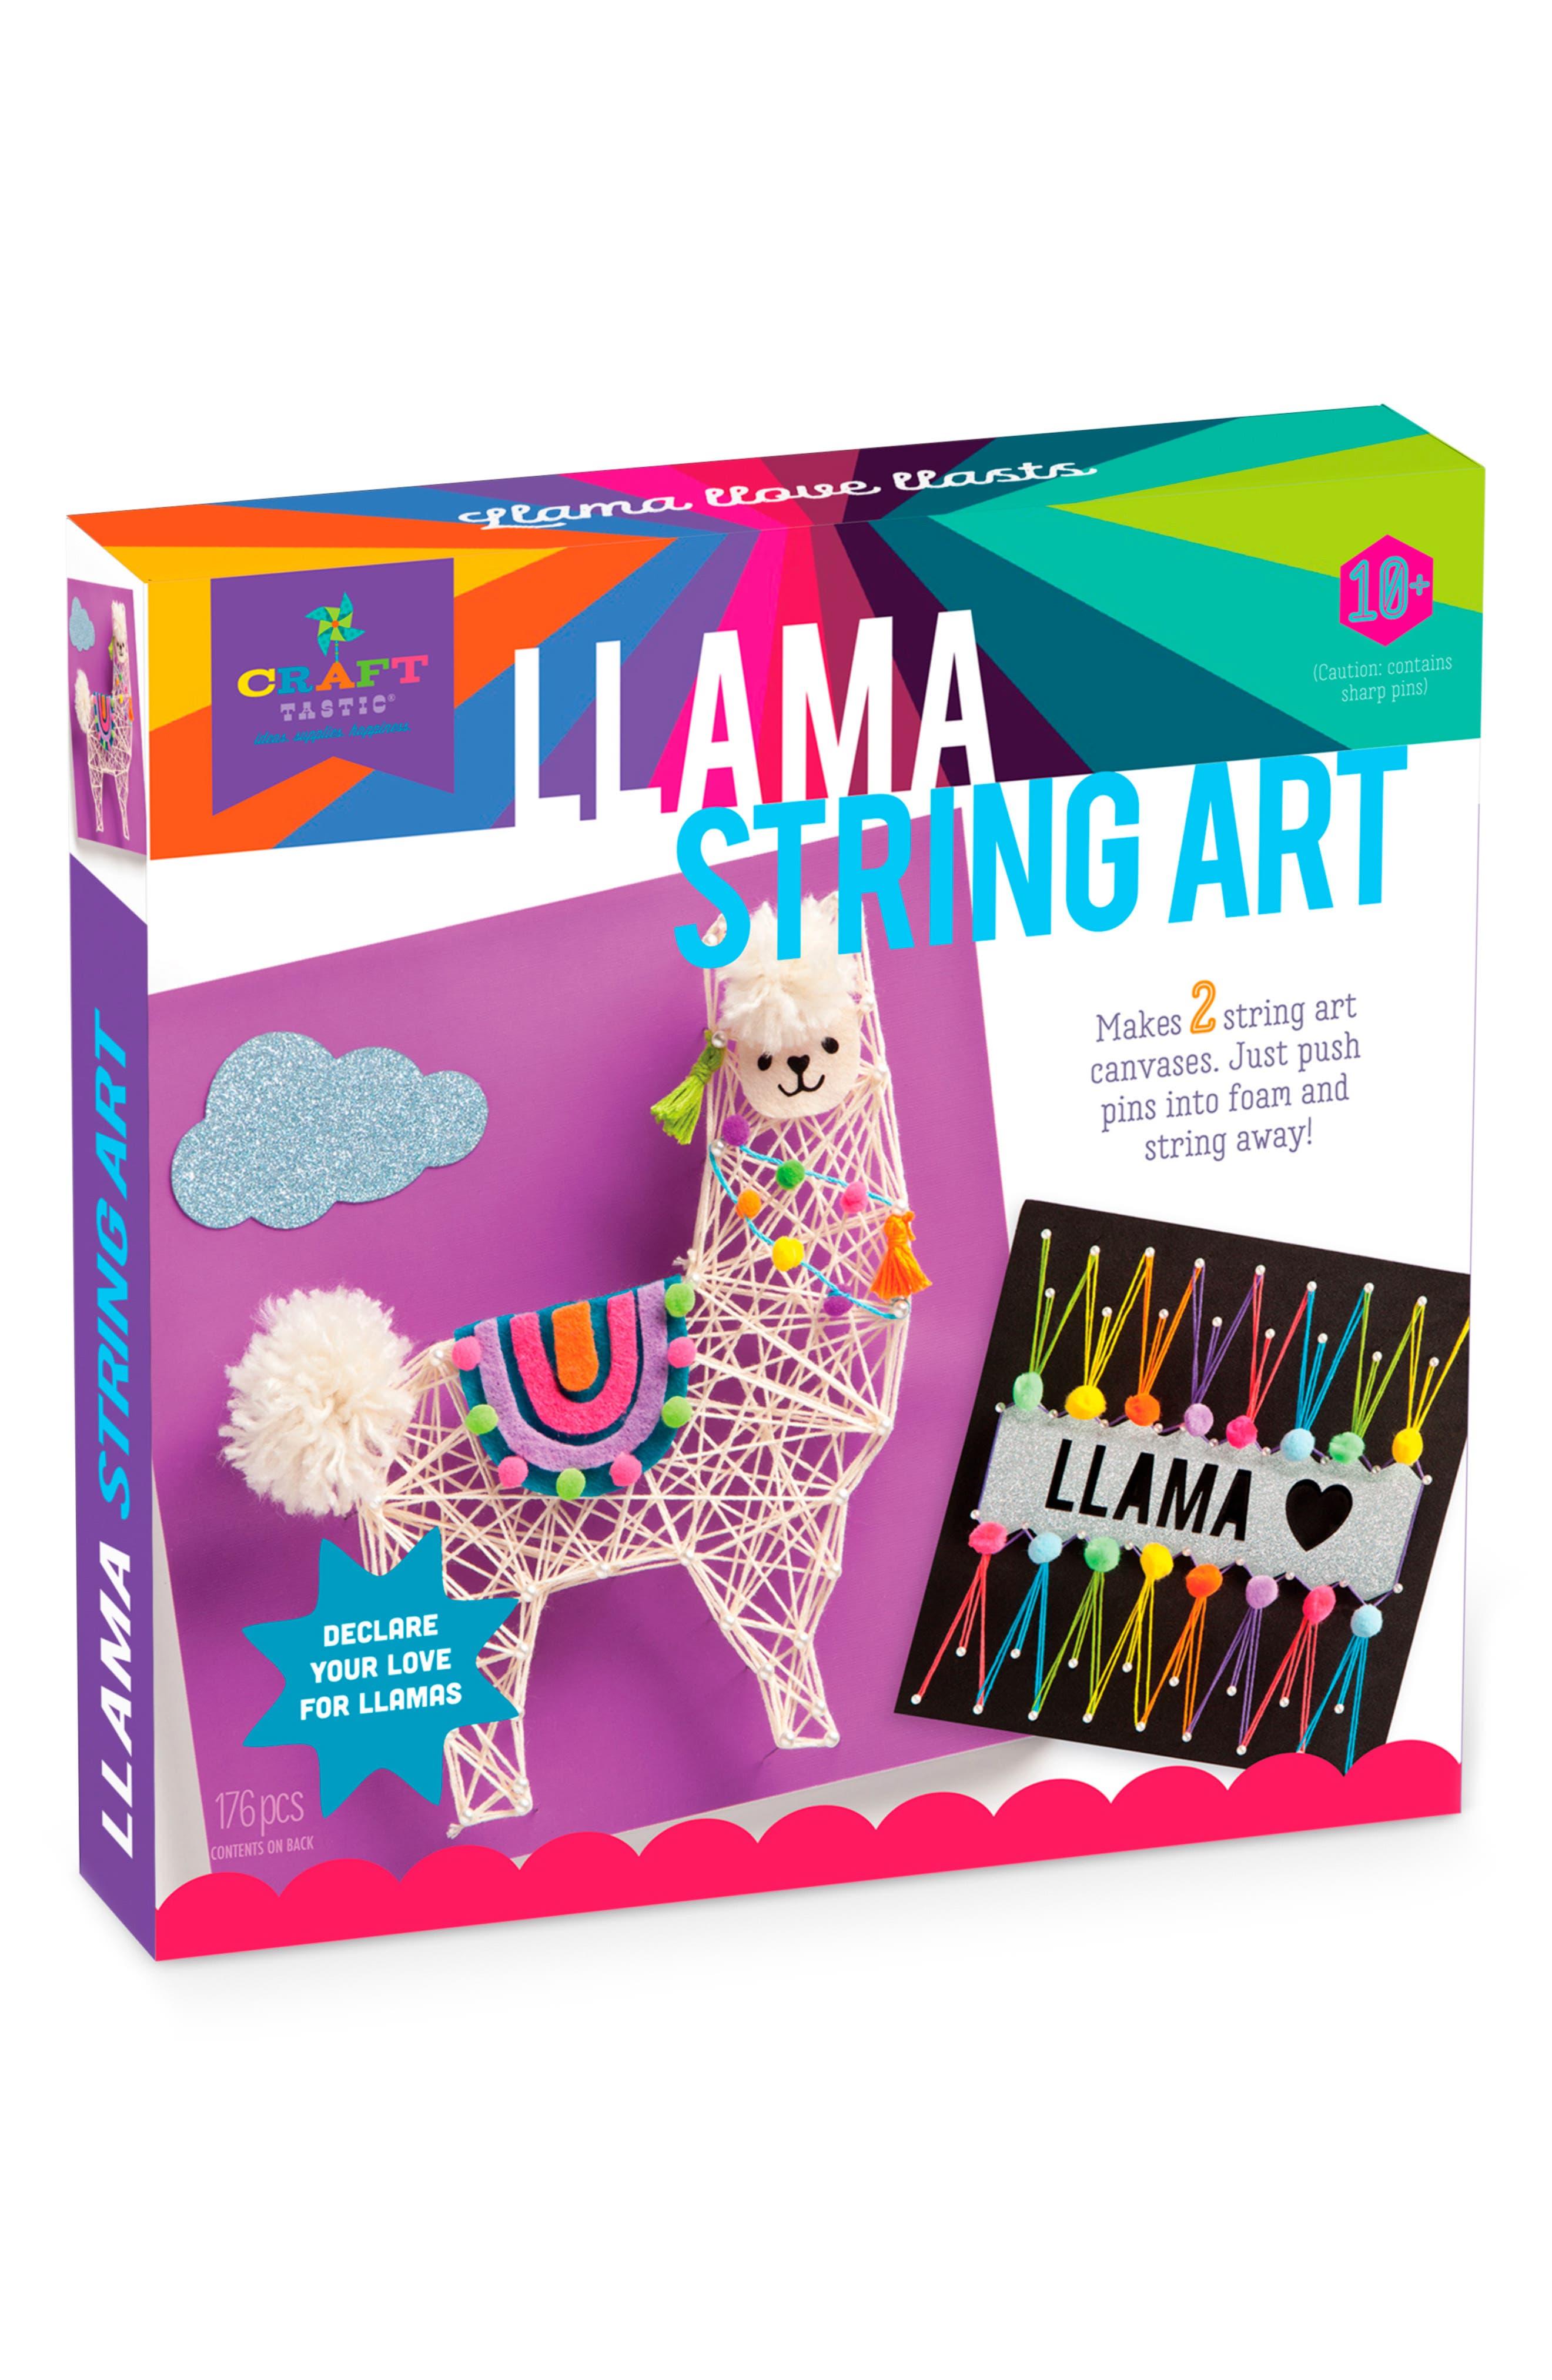 Llama String Art VII Crafting Kit,                             Main thumbnail 1, color,                             960